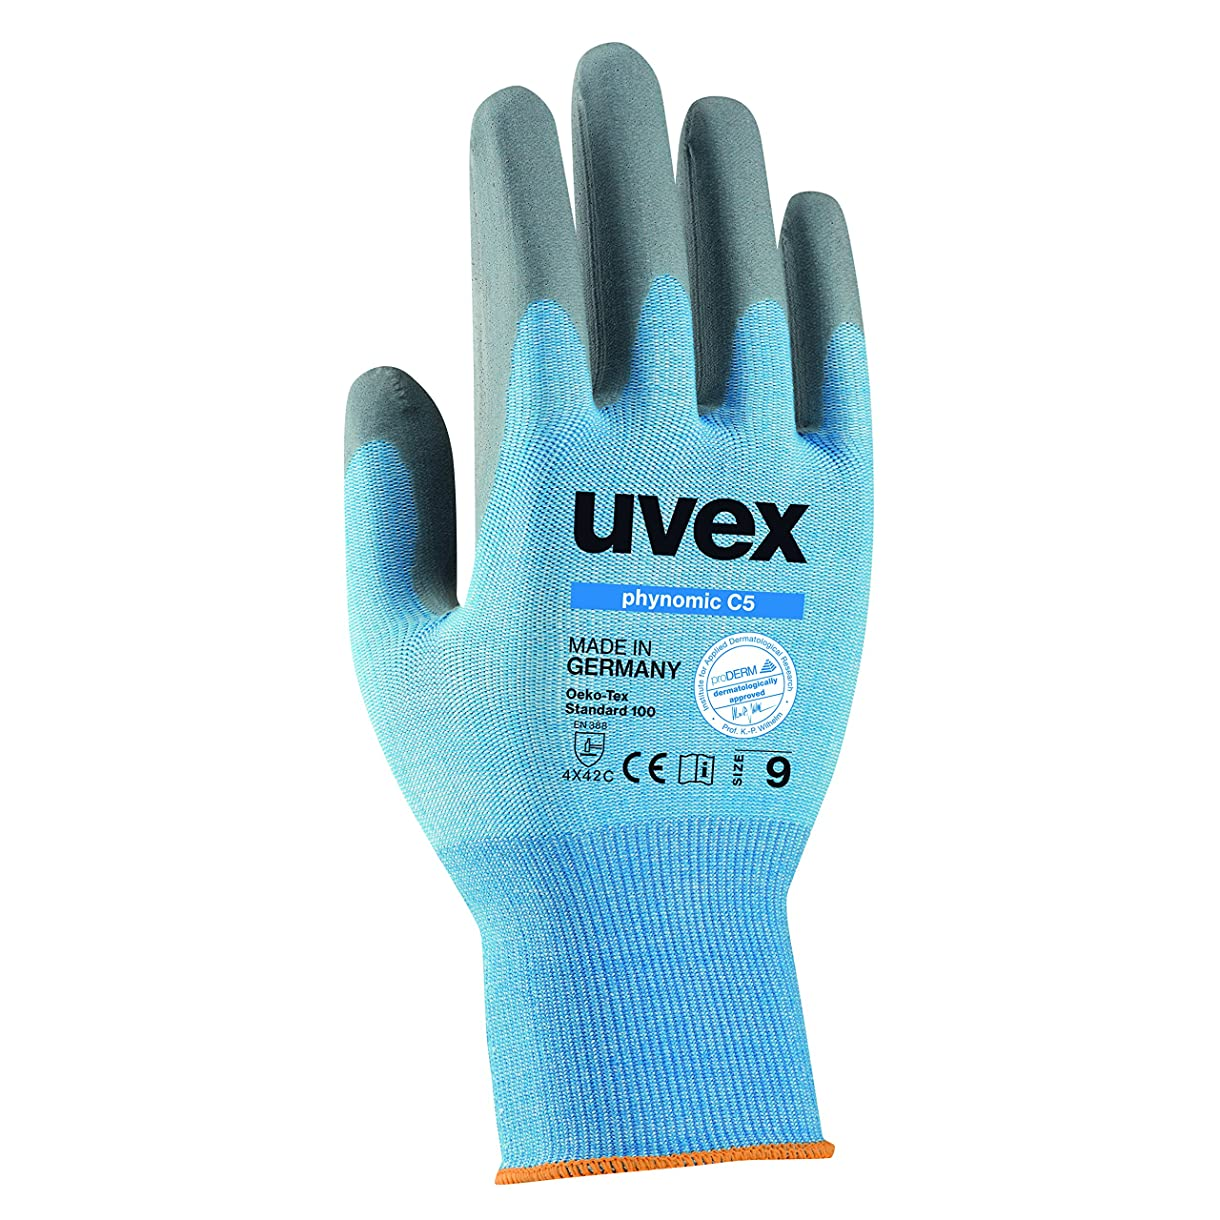 フェローシップ自動力強いuvex 耐切創手袋 phynomic(フィノミック) C5 サイズ 9(L)耐切創レベル5